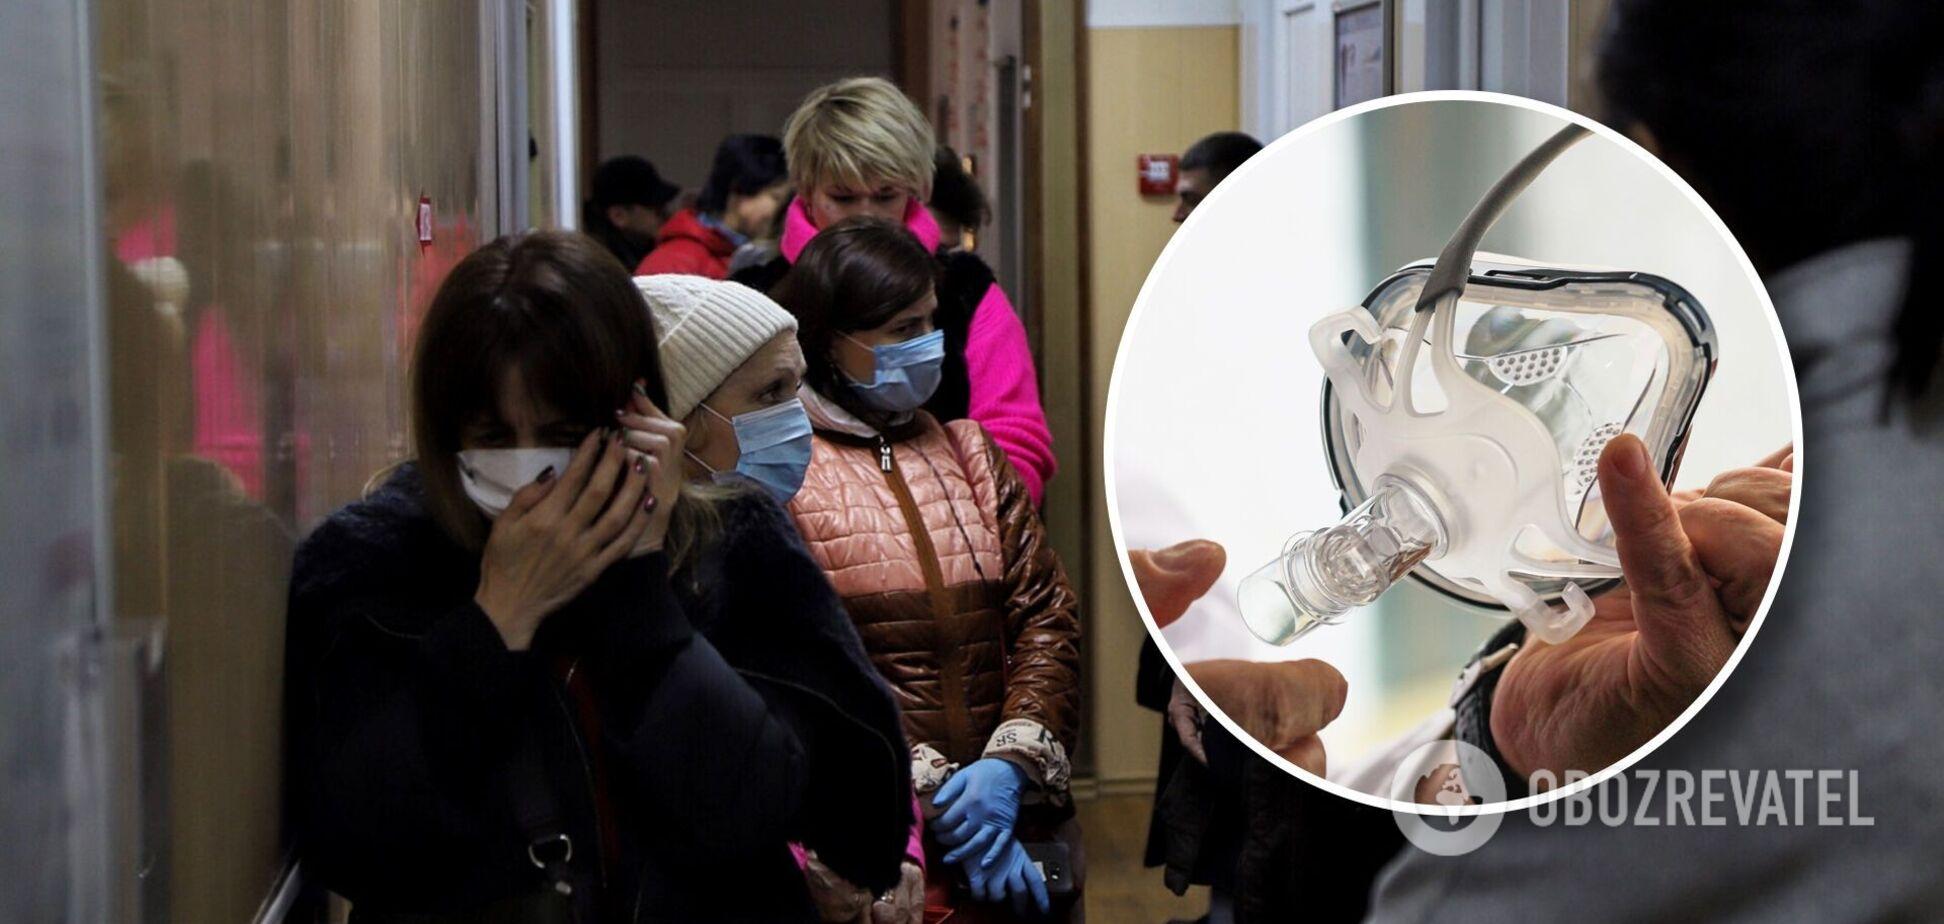 Хворим на COVID-19 не вистачає кисню: хто винен у тому, що українці задихаються